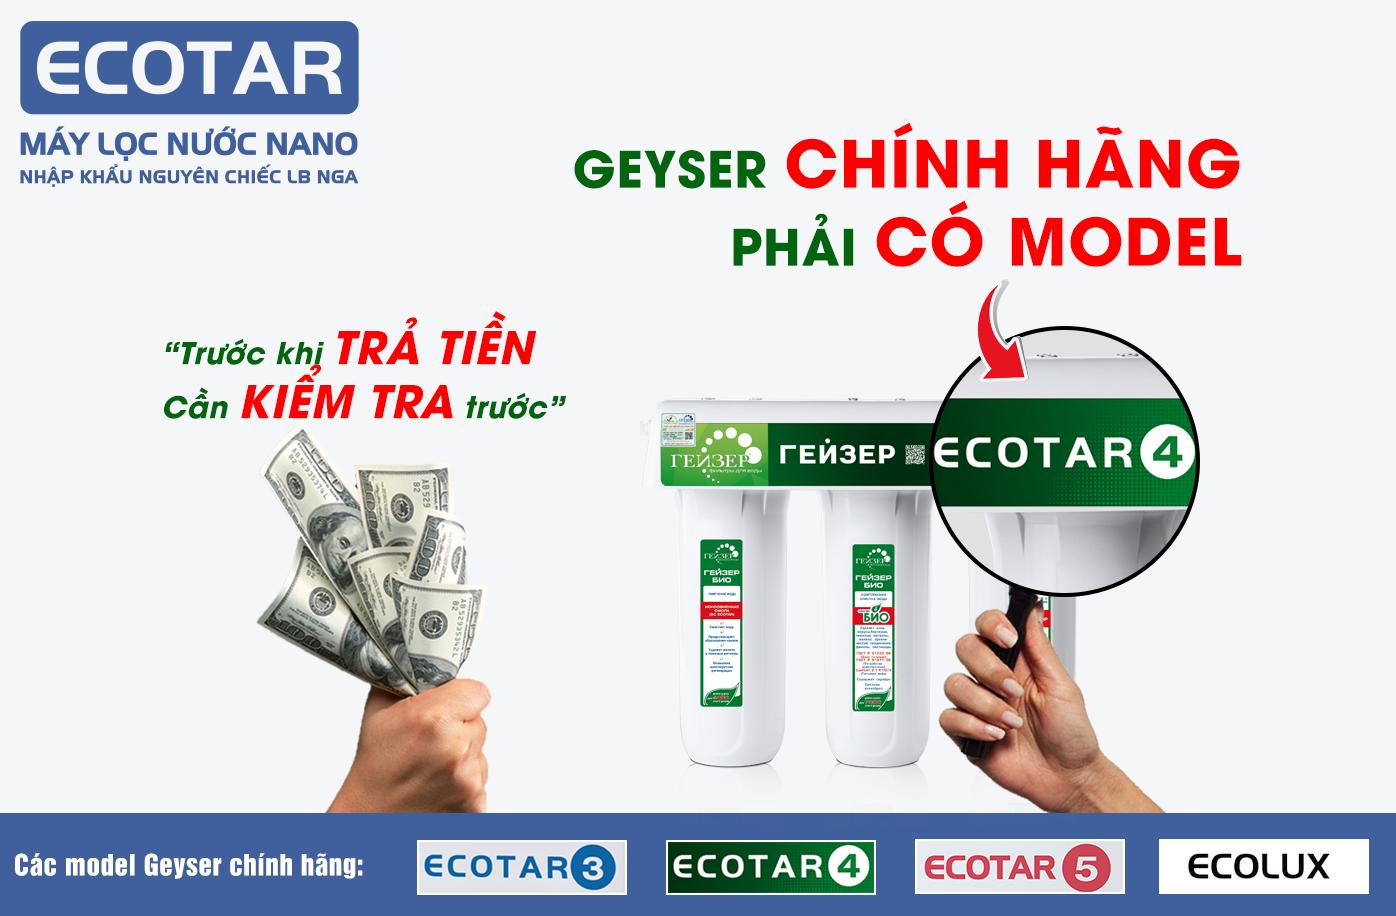 Geyser chính hãng phải có chữ Ecotar 4